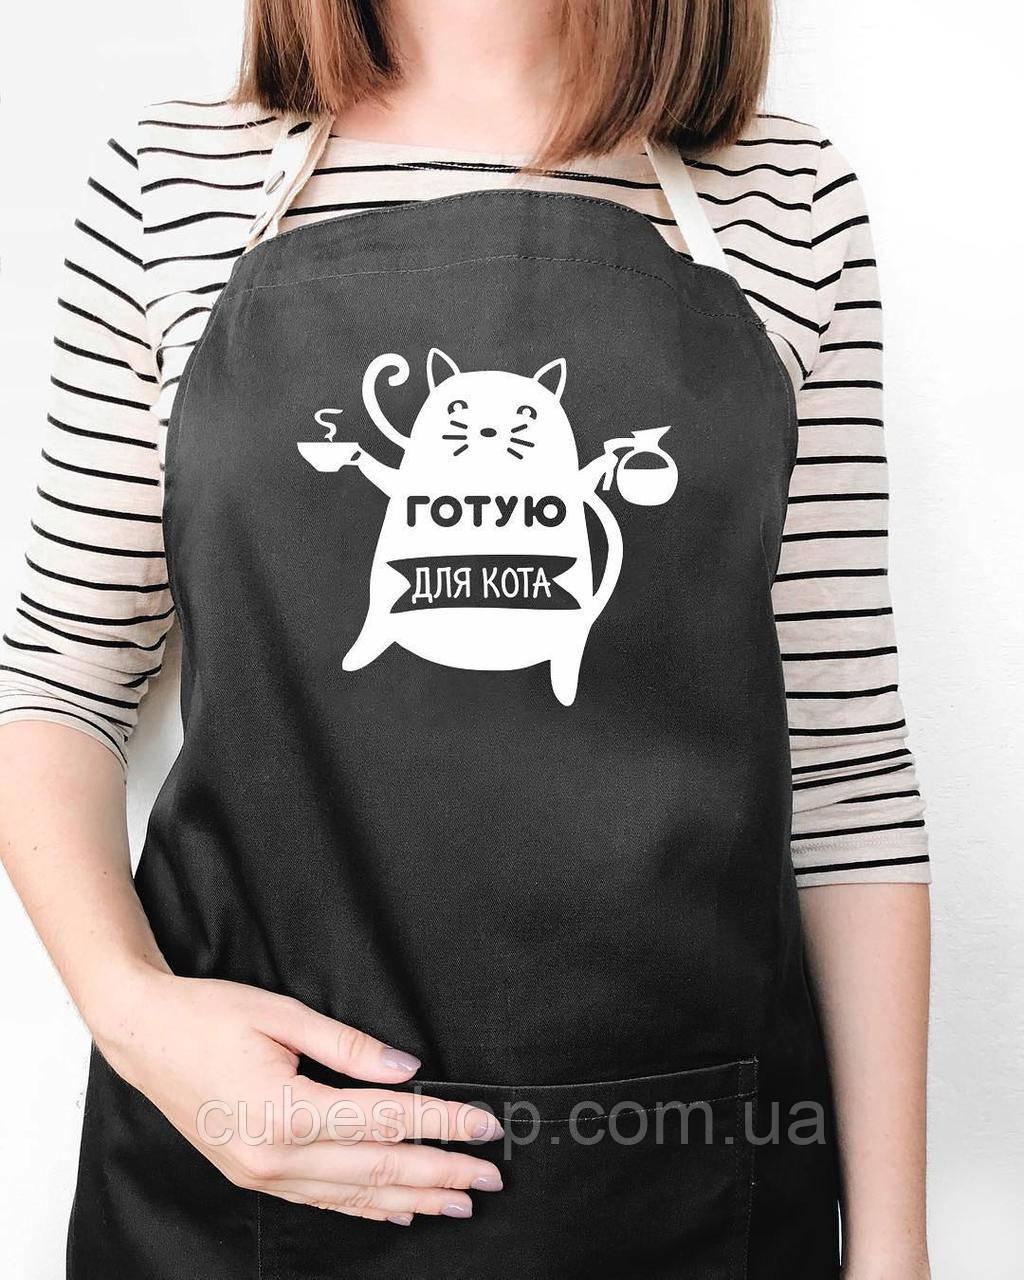 """Фартук """"Готую для кота"""" черный"""